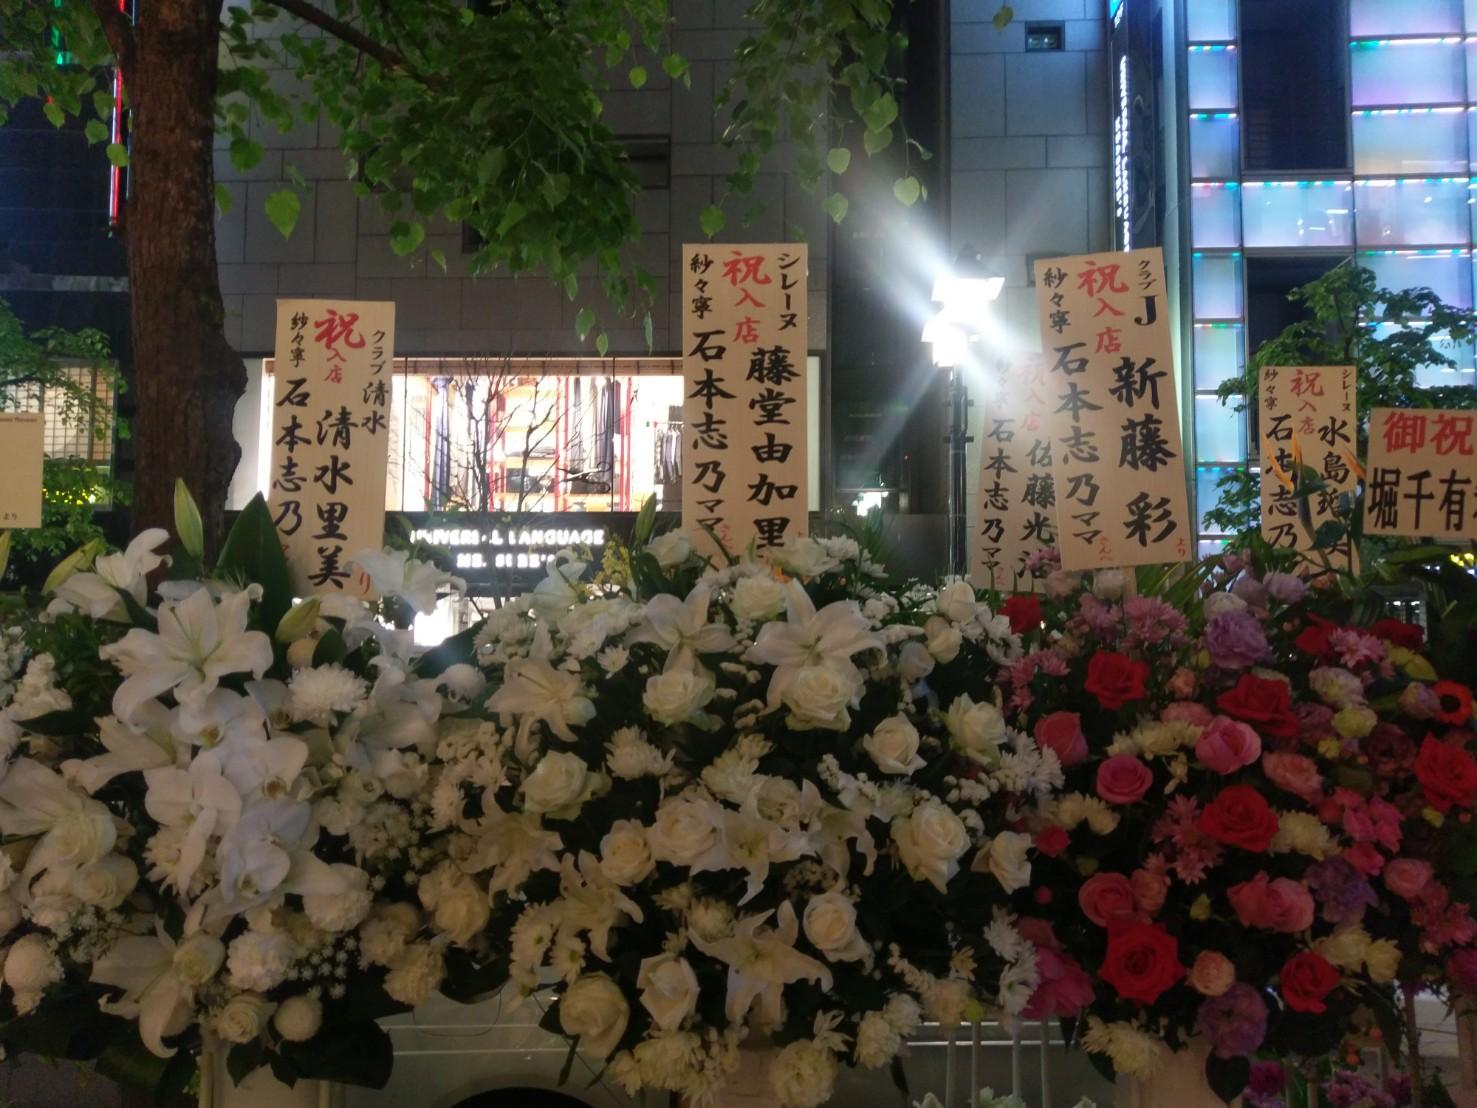 銀座7丁目の高級クラブ「紗々寧」に石本志乃ママさんが入店